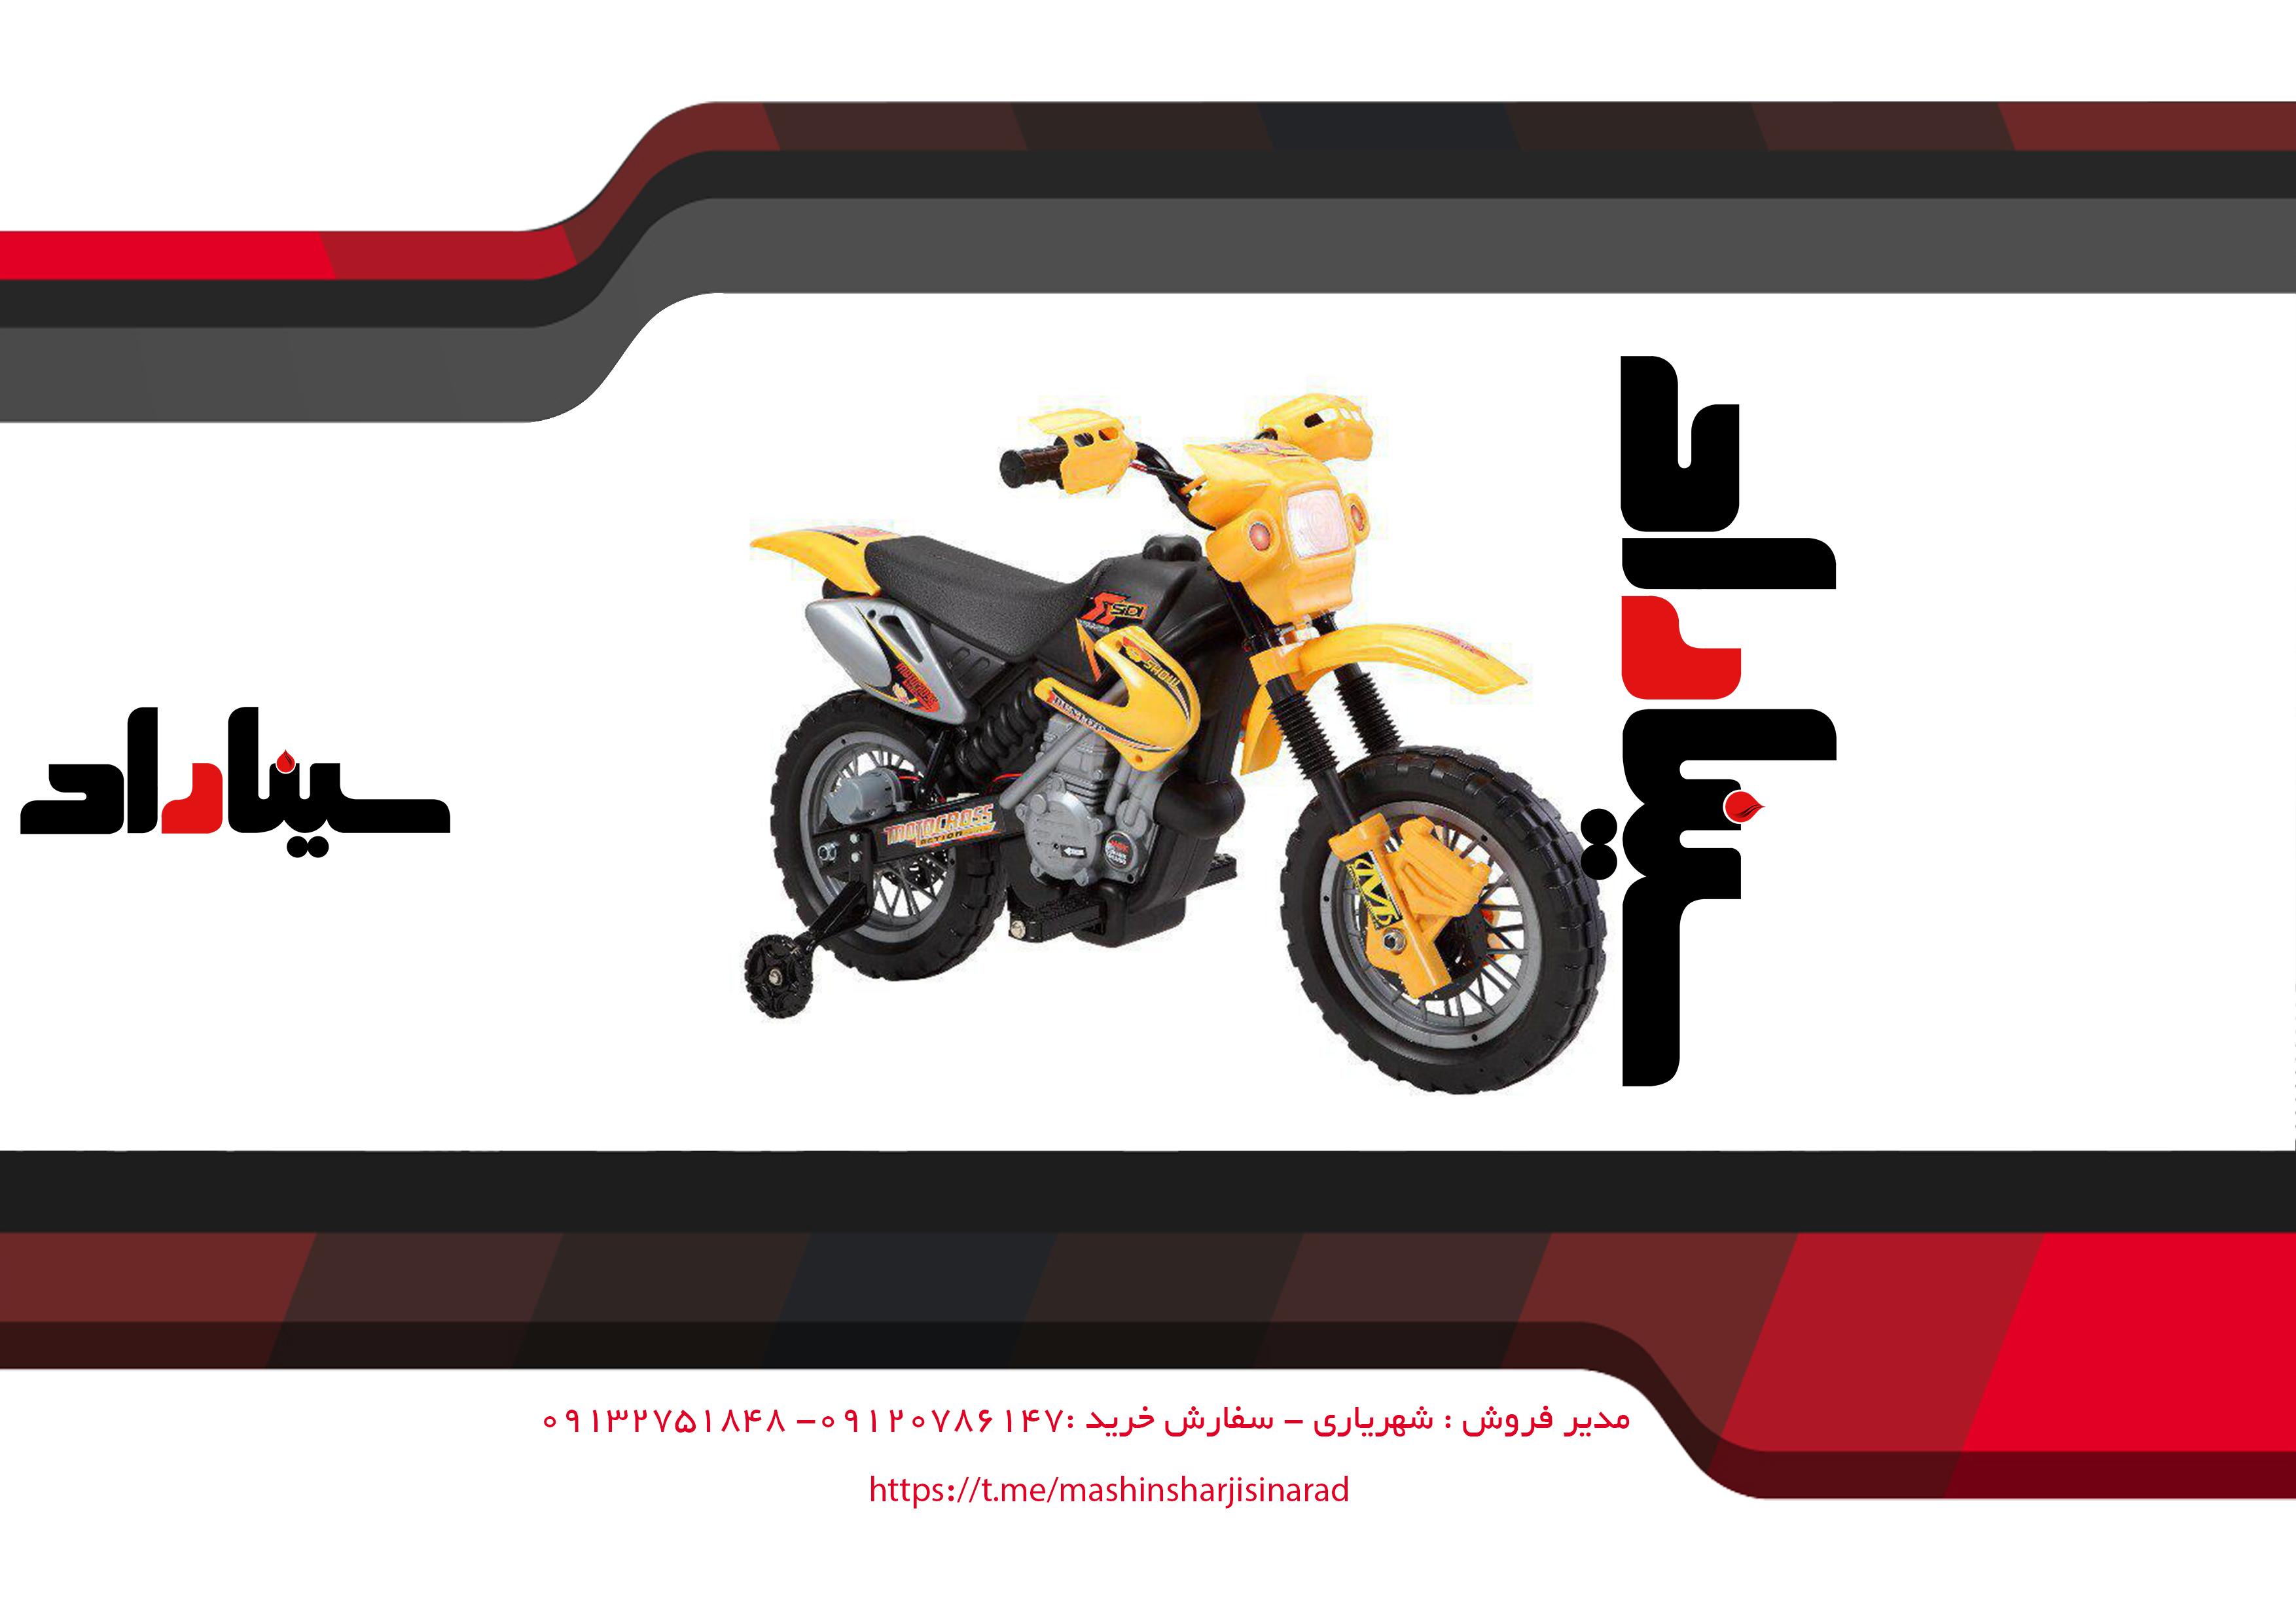 قیمت انواع موتور شارژی ایرانی